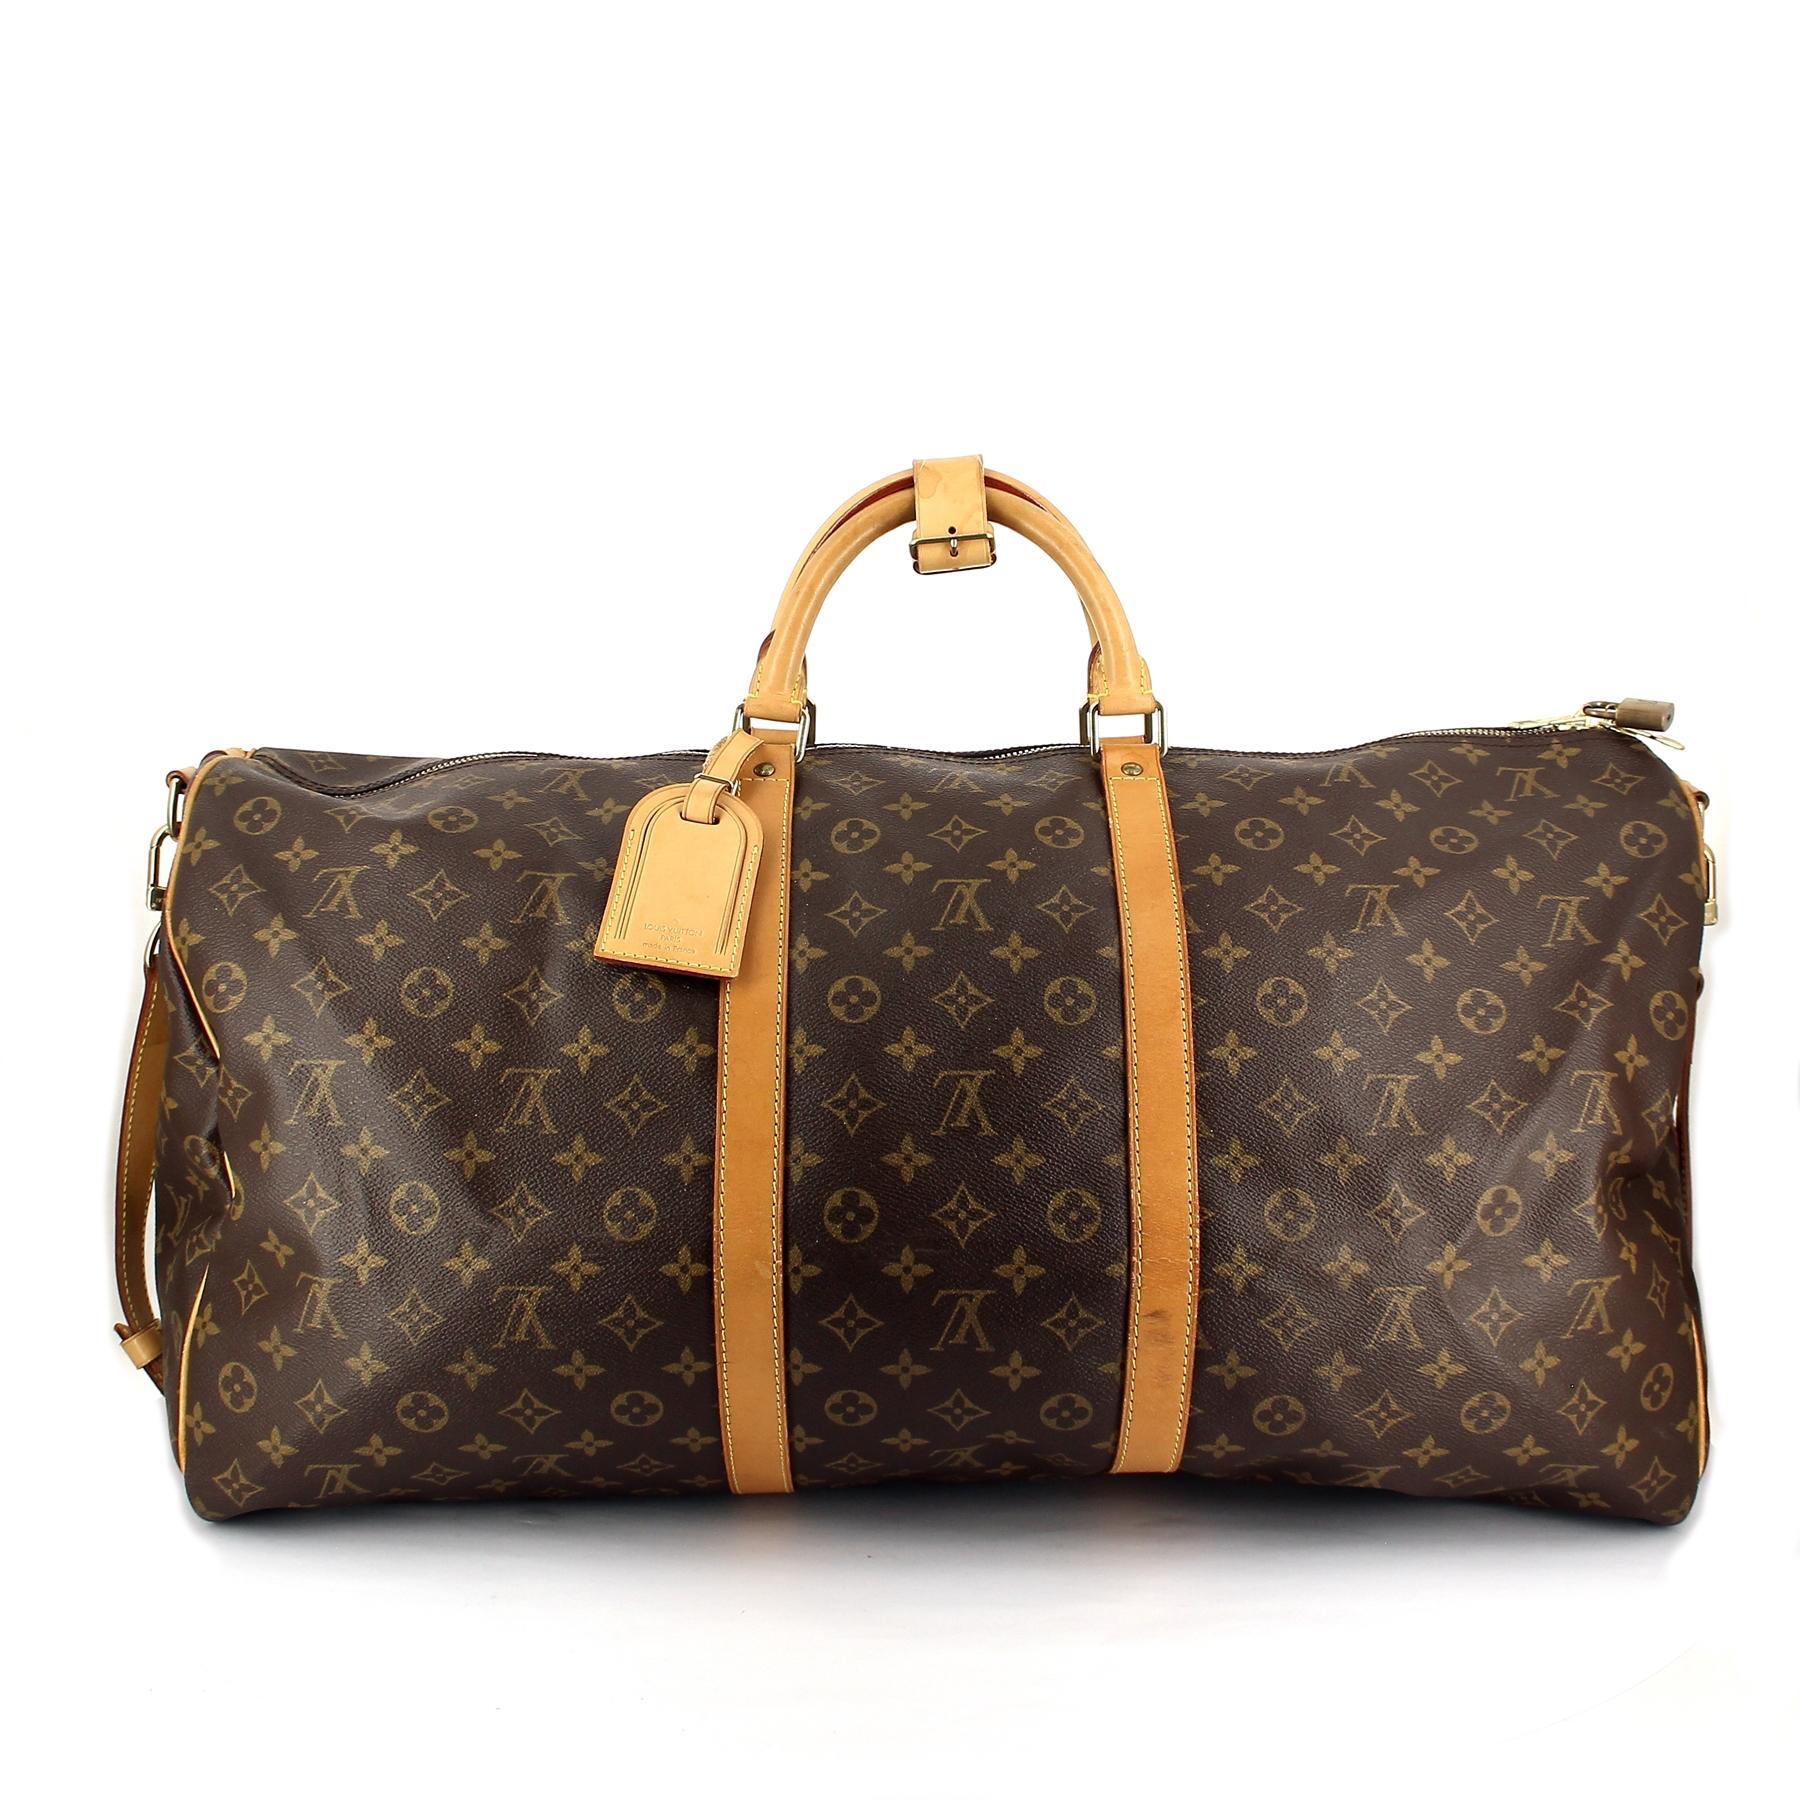 35cc8e841ca1 Le chic nomade du sac Keepall de Louis Vuitton - Madame Figaro